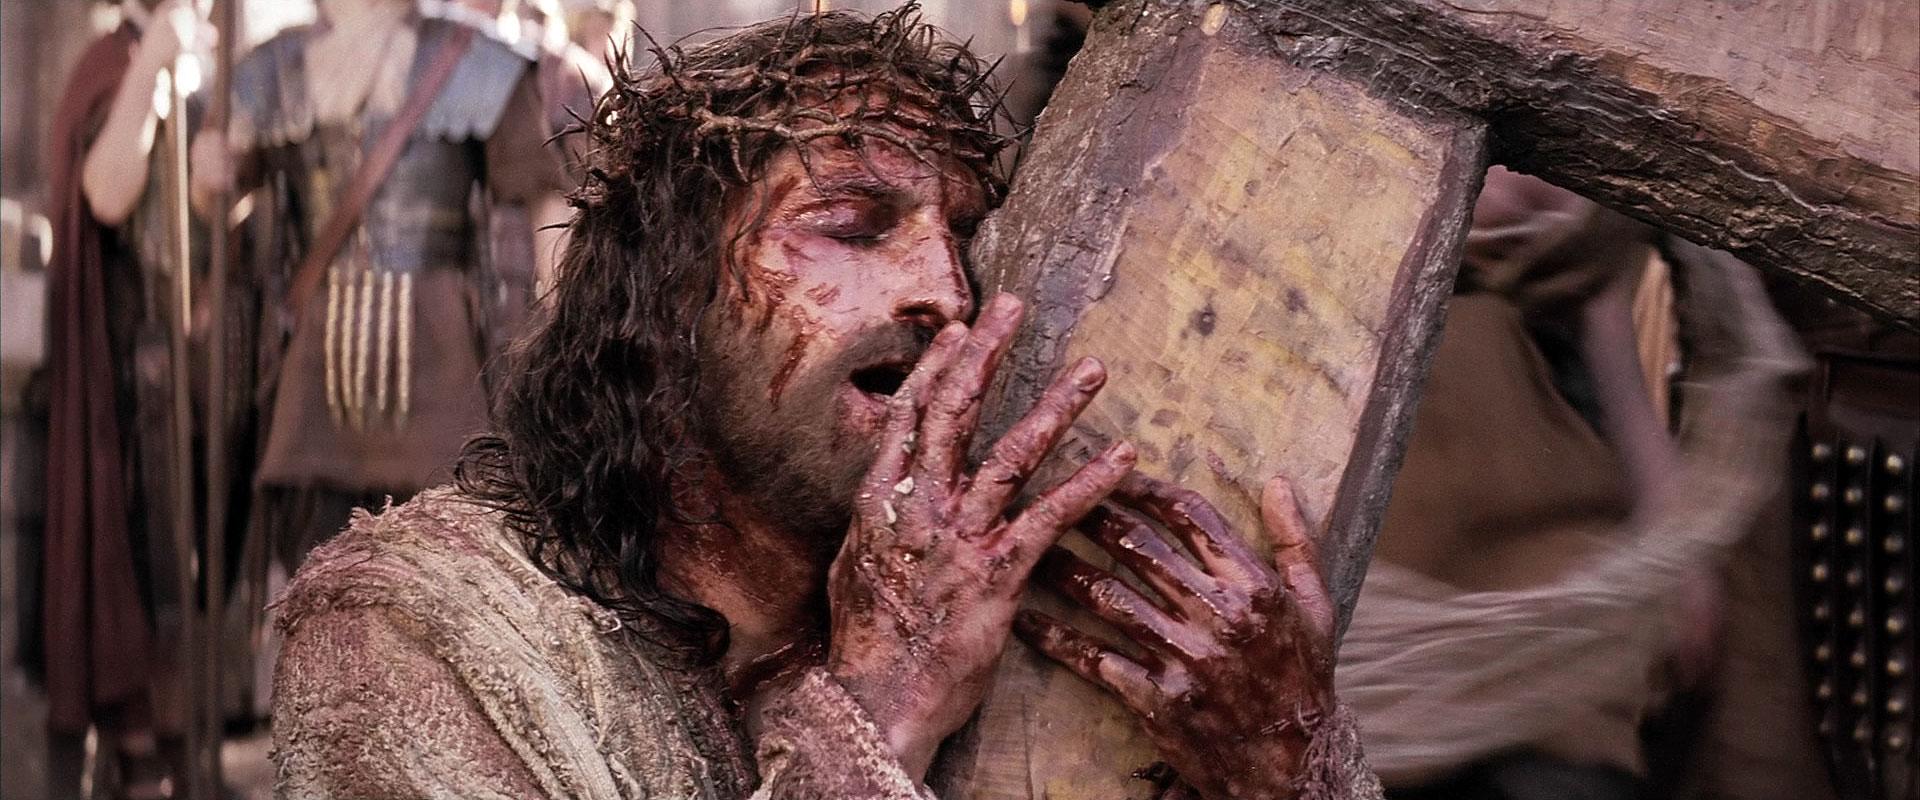 Рабыни на кресте 22 фотография